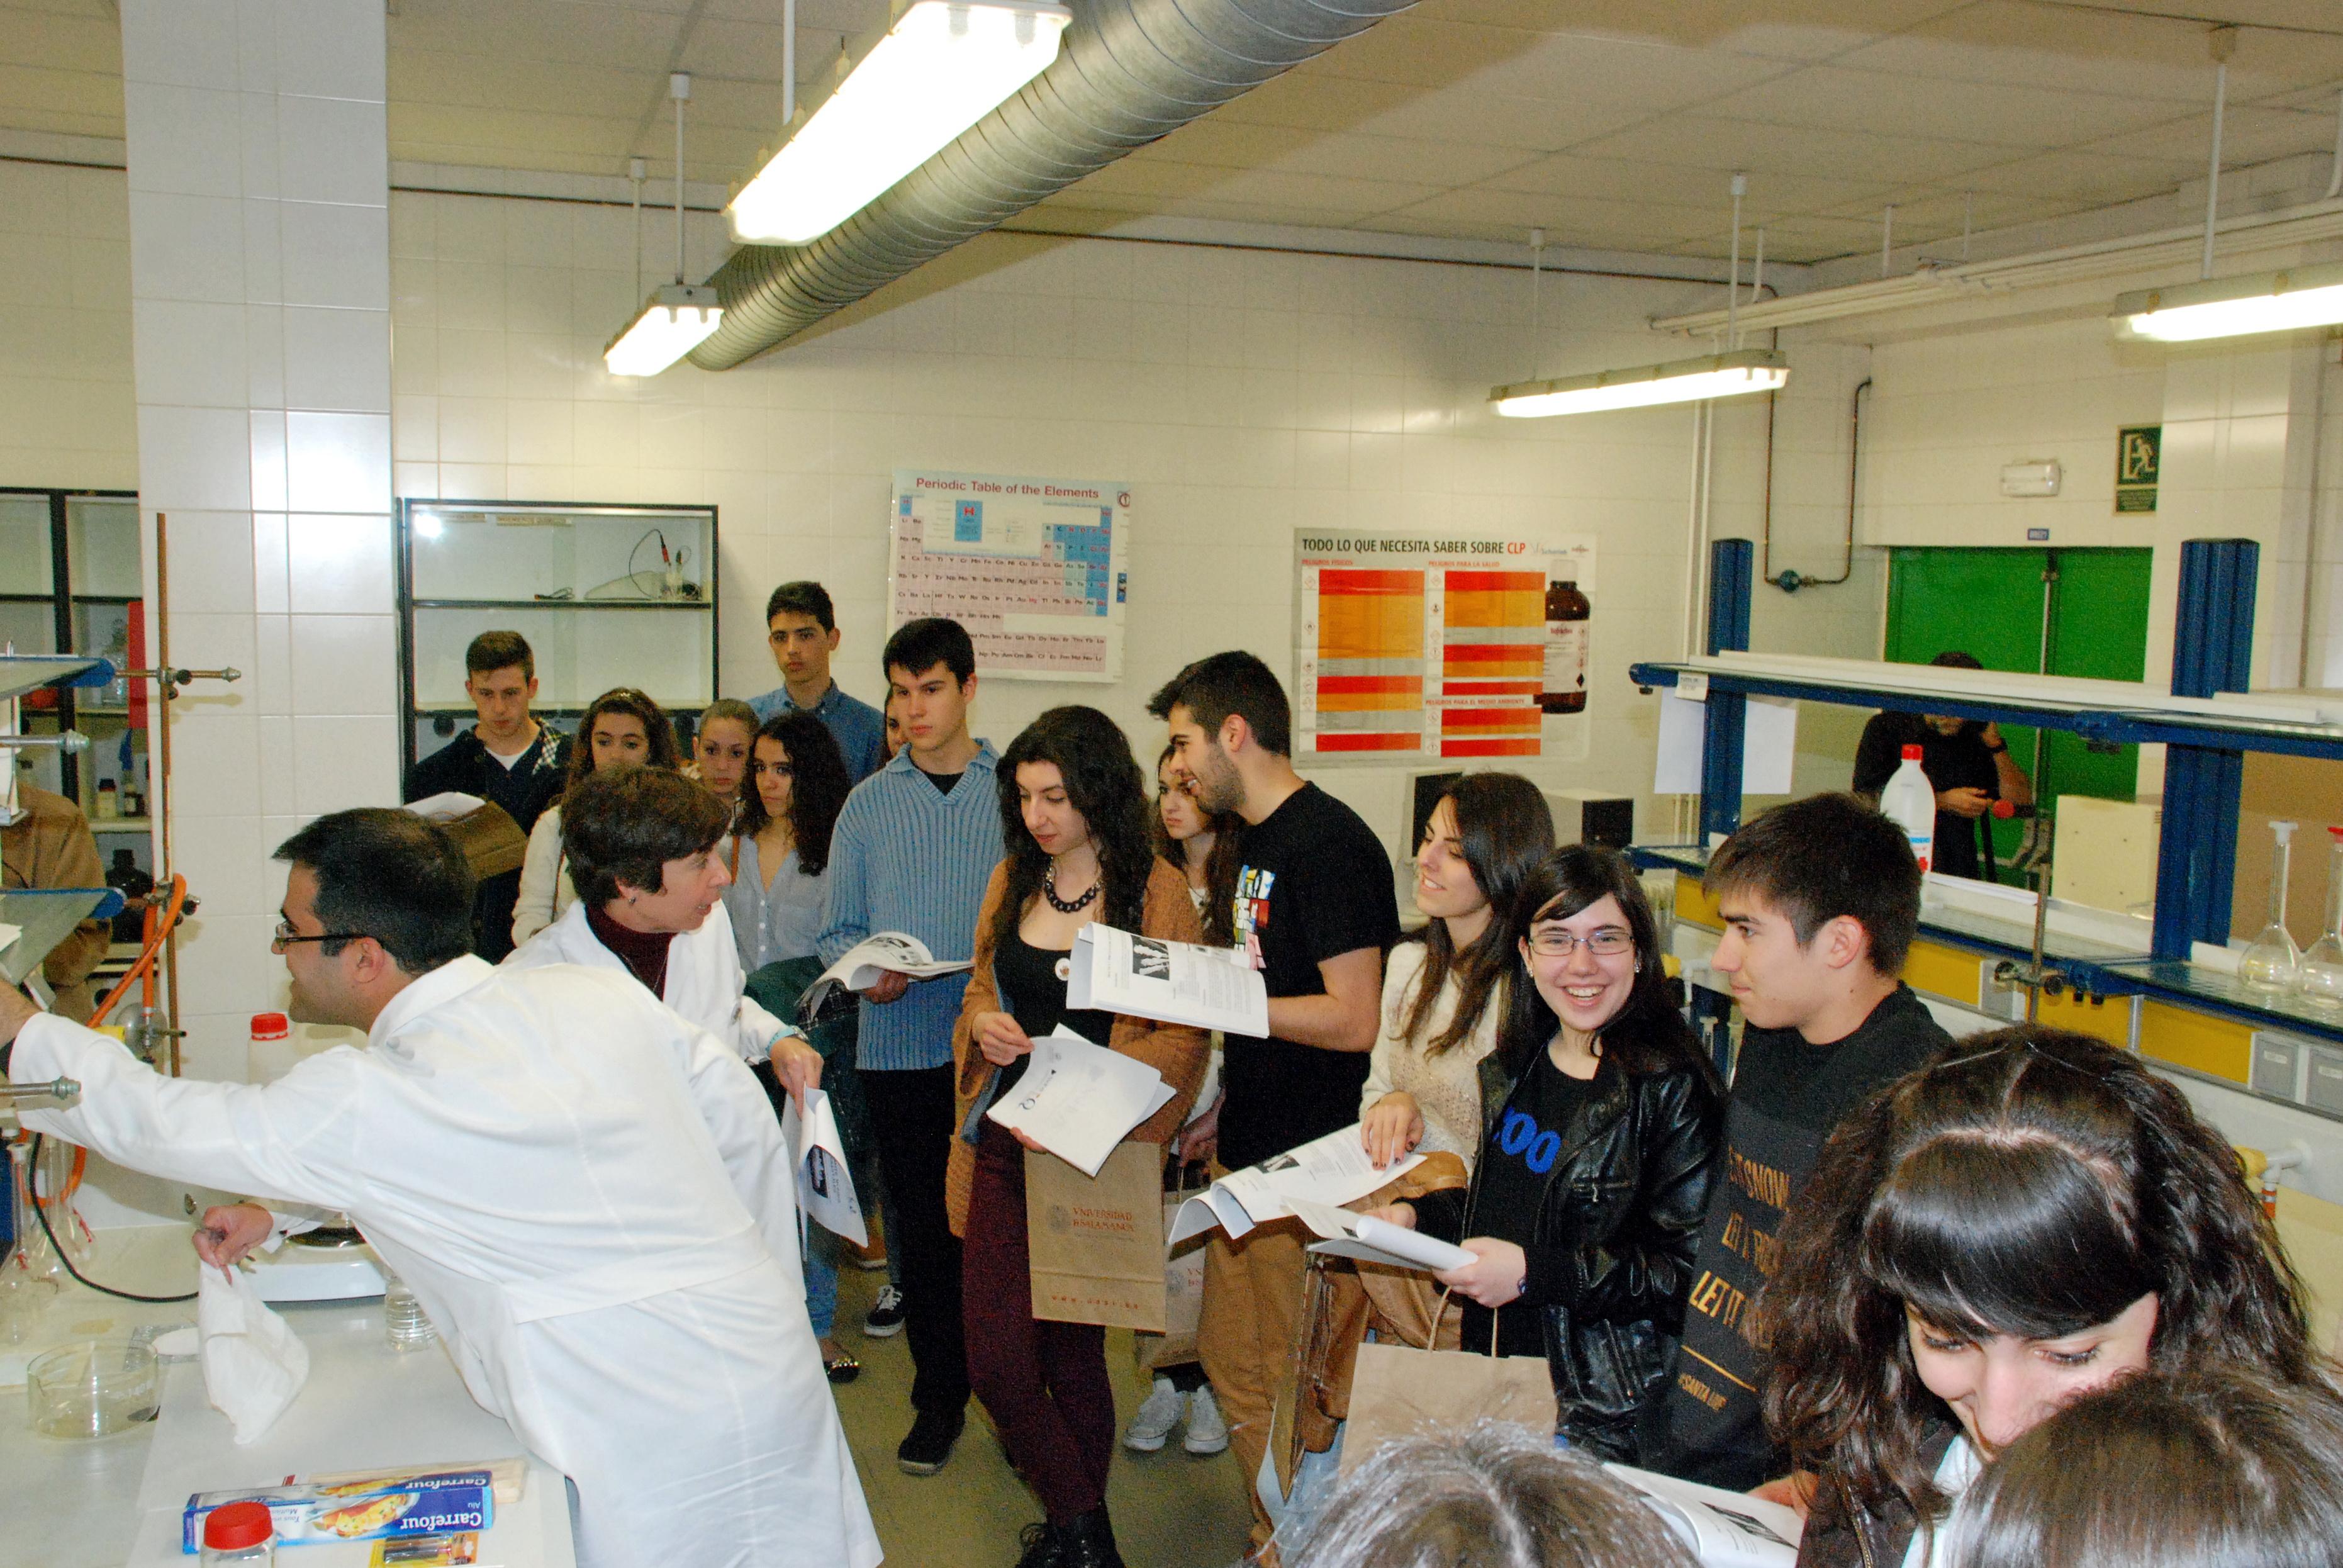 Cerca de 4.000 estudiantes conocen la oferta formativa de la Universidad de Salamanca en sus Jornadas de Puertas Abiertas